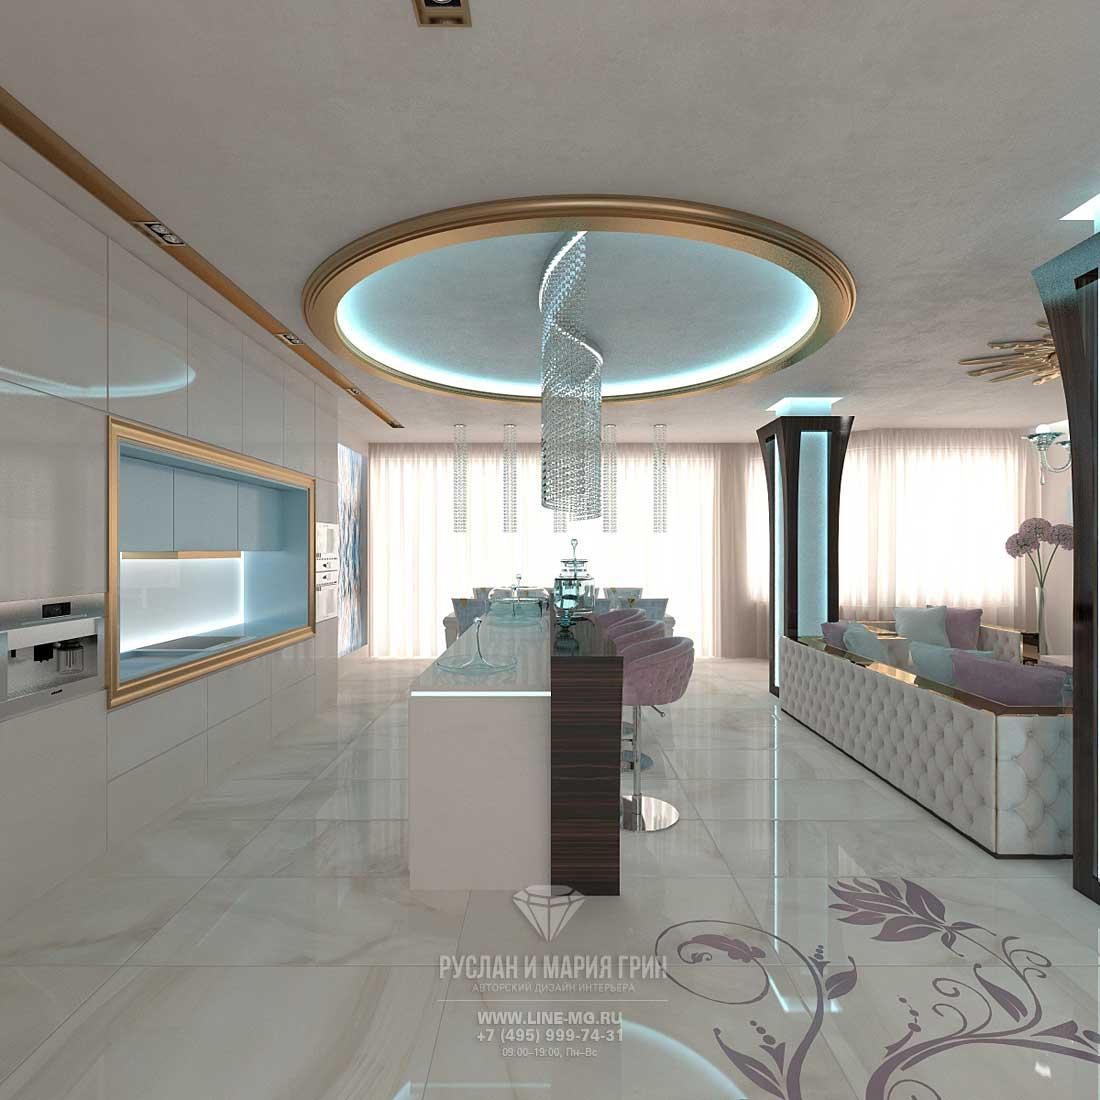 Дизайн кухни-столовой-гостиной в доме